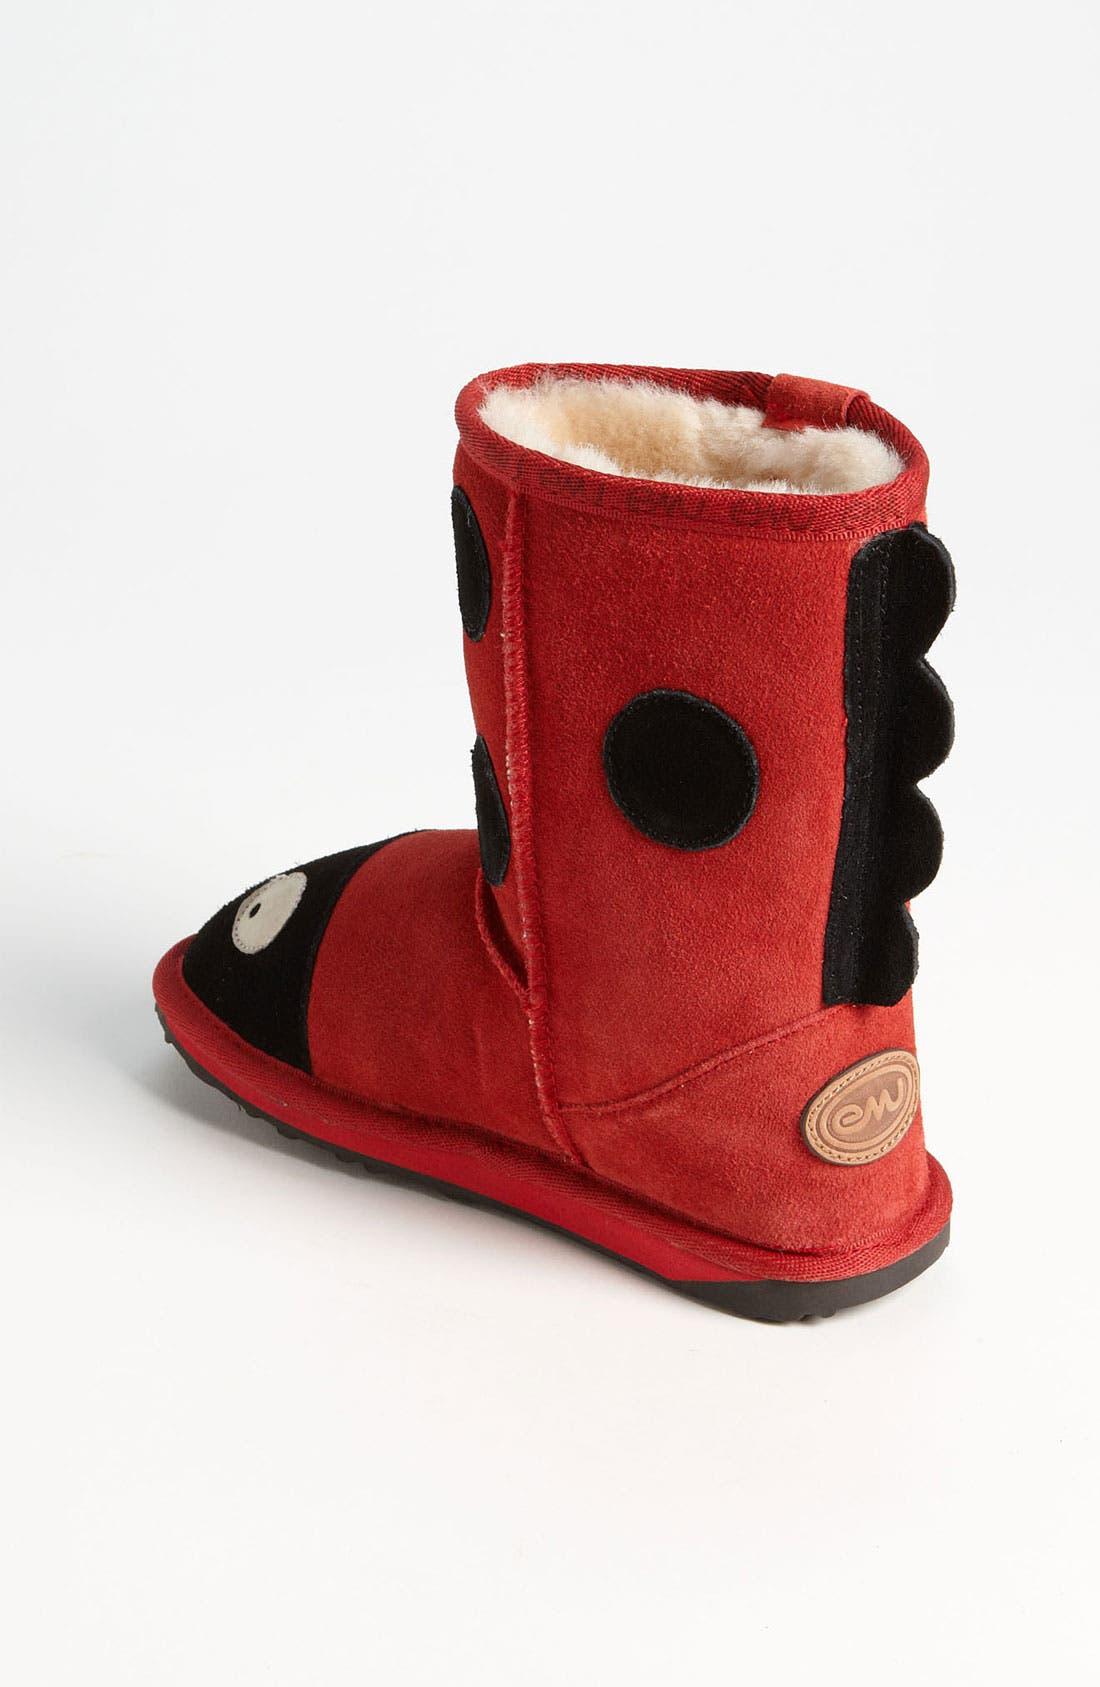 Alternate Image 2  - EMU Australia 'Little Creatures - Ladybug' Boot (Toddler, Little Kid & Big Kid)